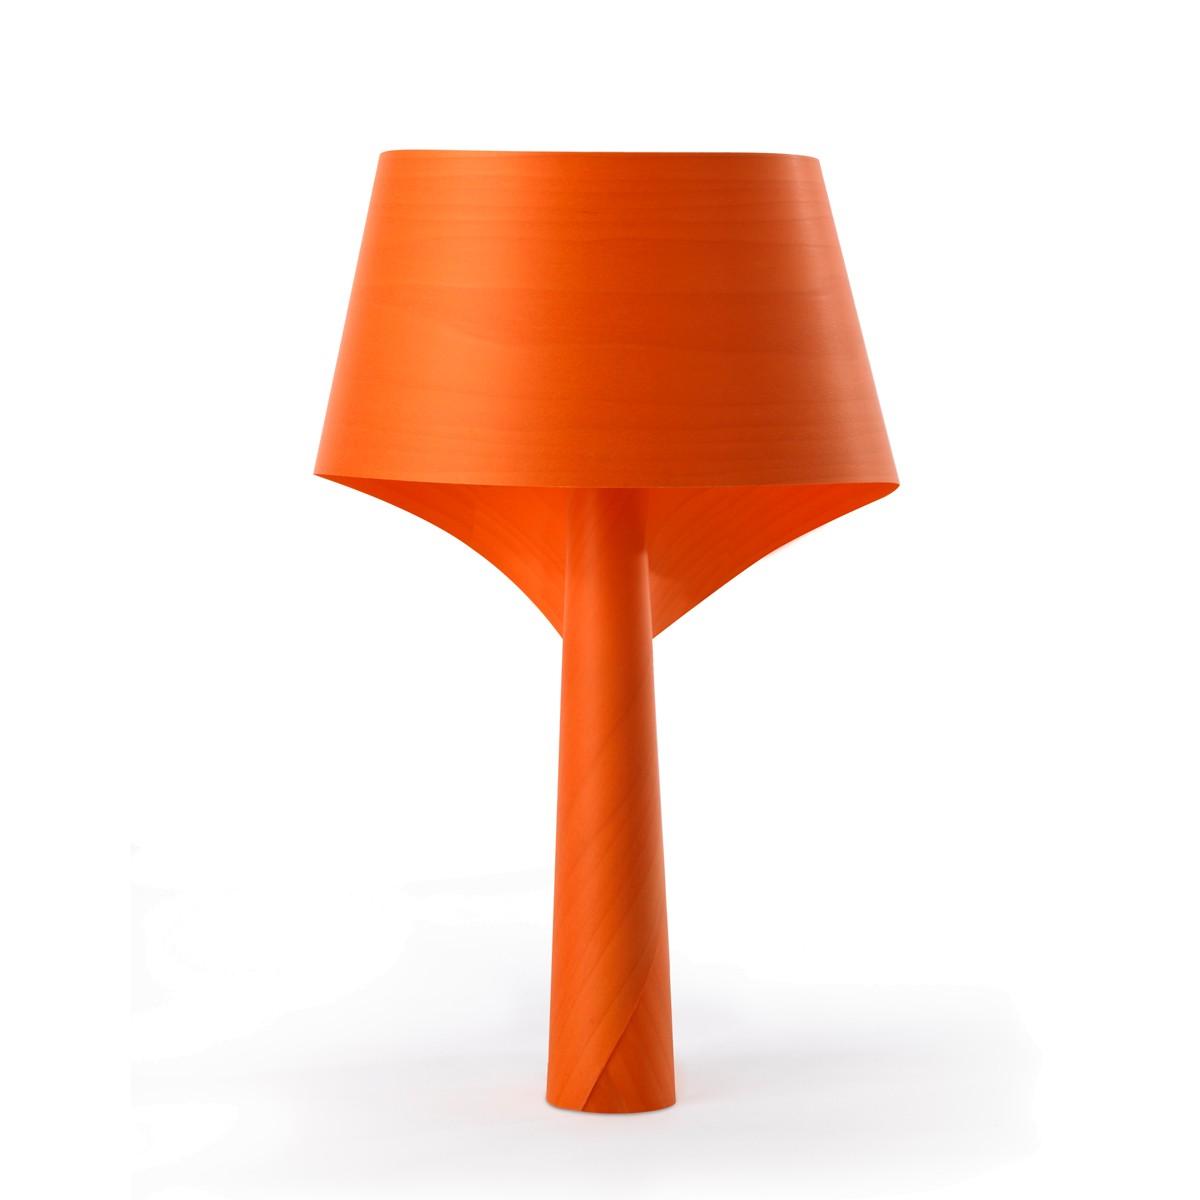 LZF Lamps Air Tischleuchte, orange